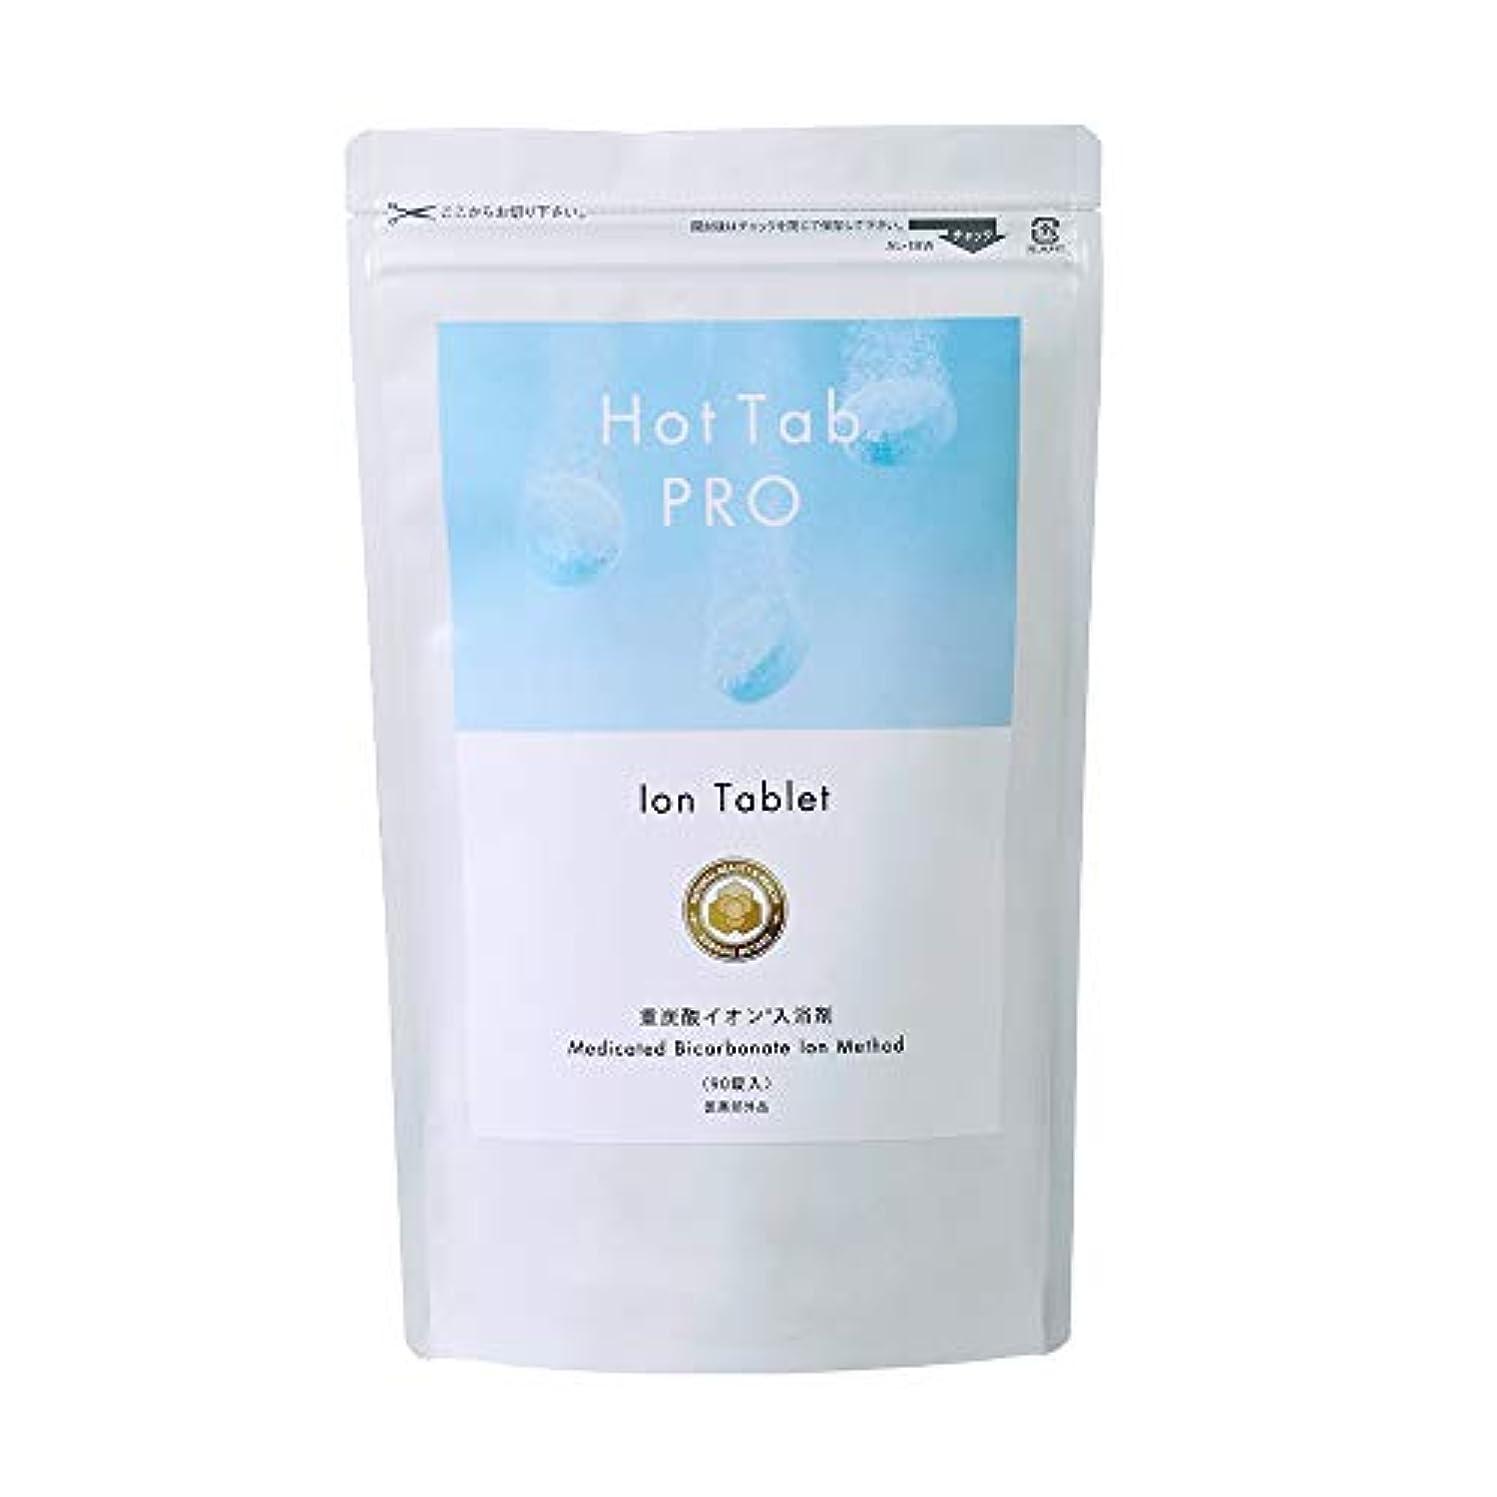 補償摂氏花嫁最新型 日本製なめらか重炭酸入浴剤「ホットタブPro」(デリケートな肌でも安心 無香料 無着色 中性pH) (お得な90錠セット)